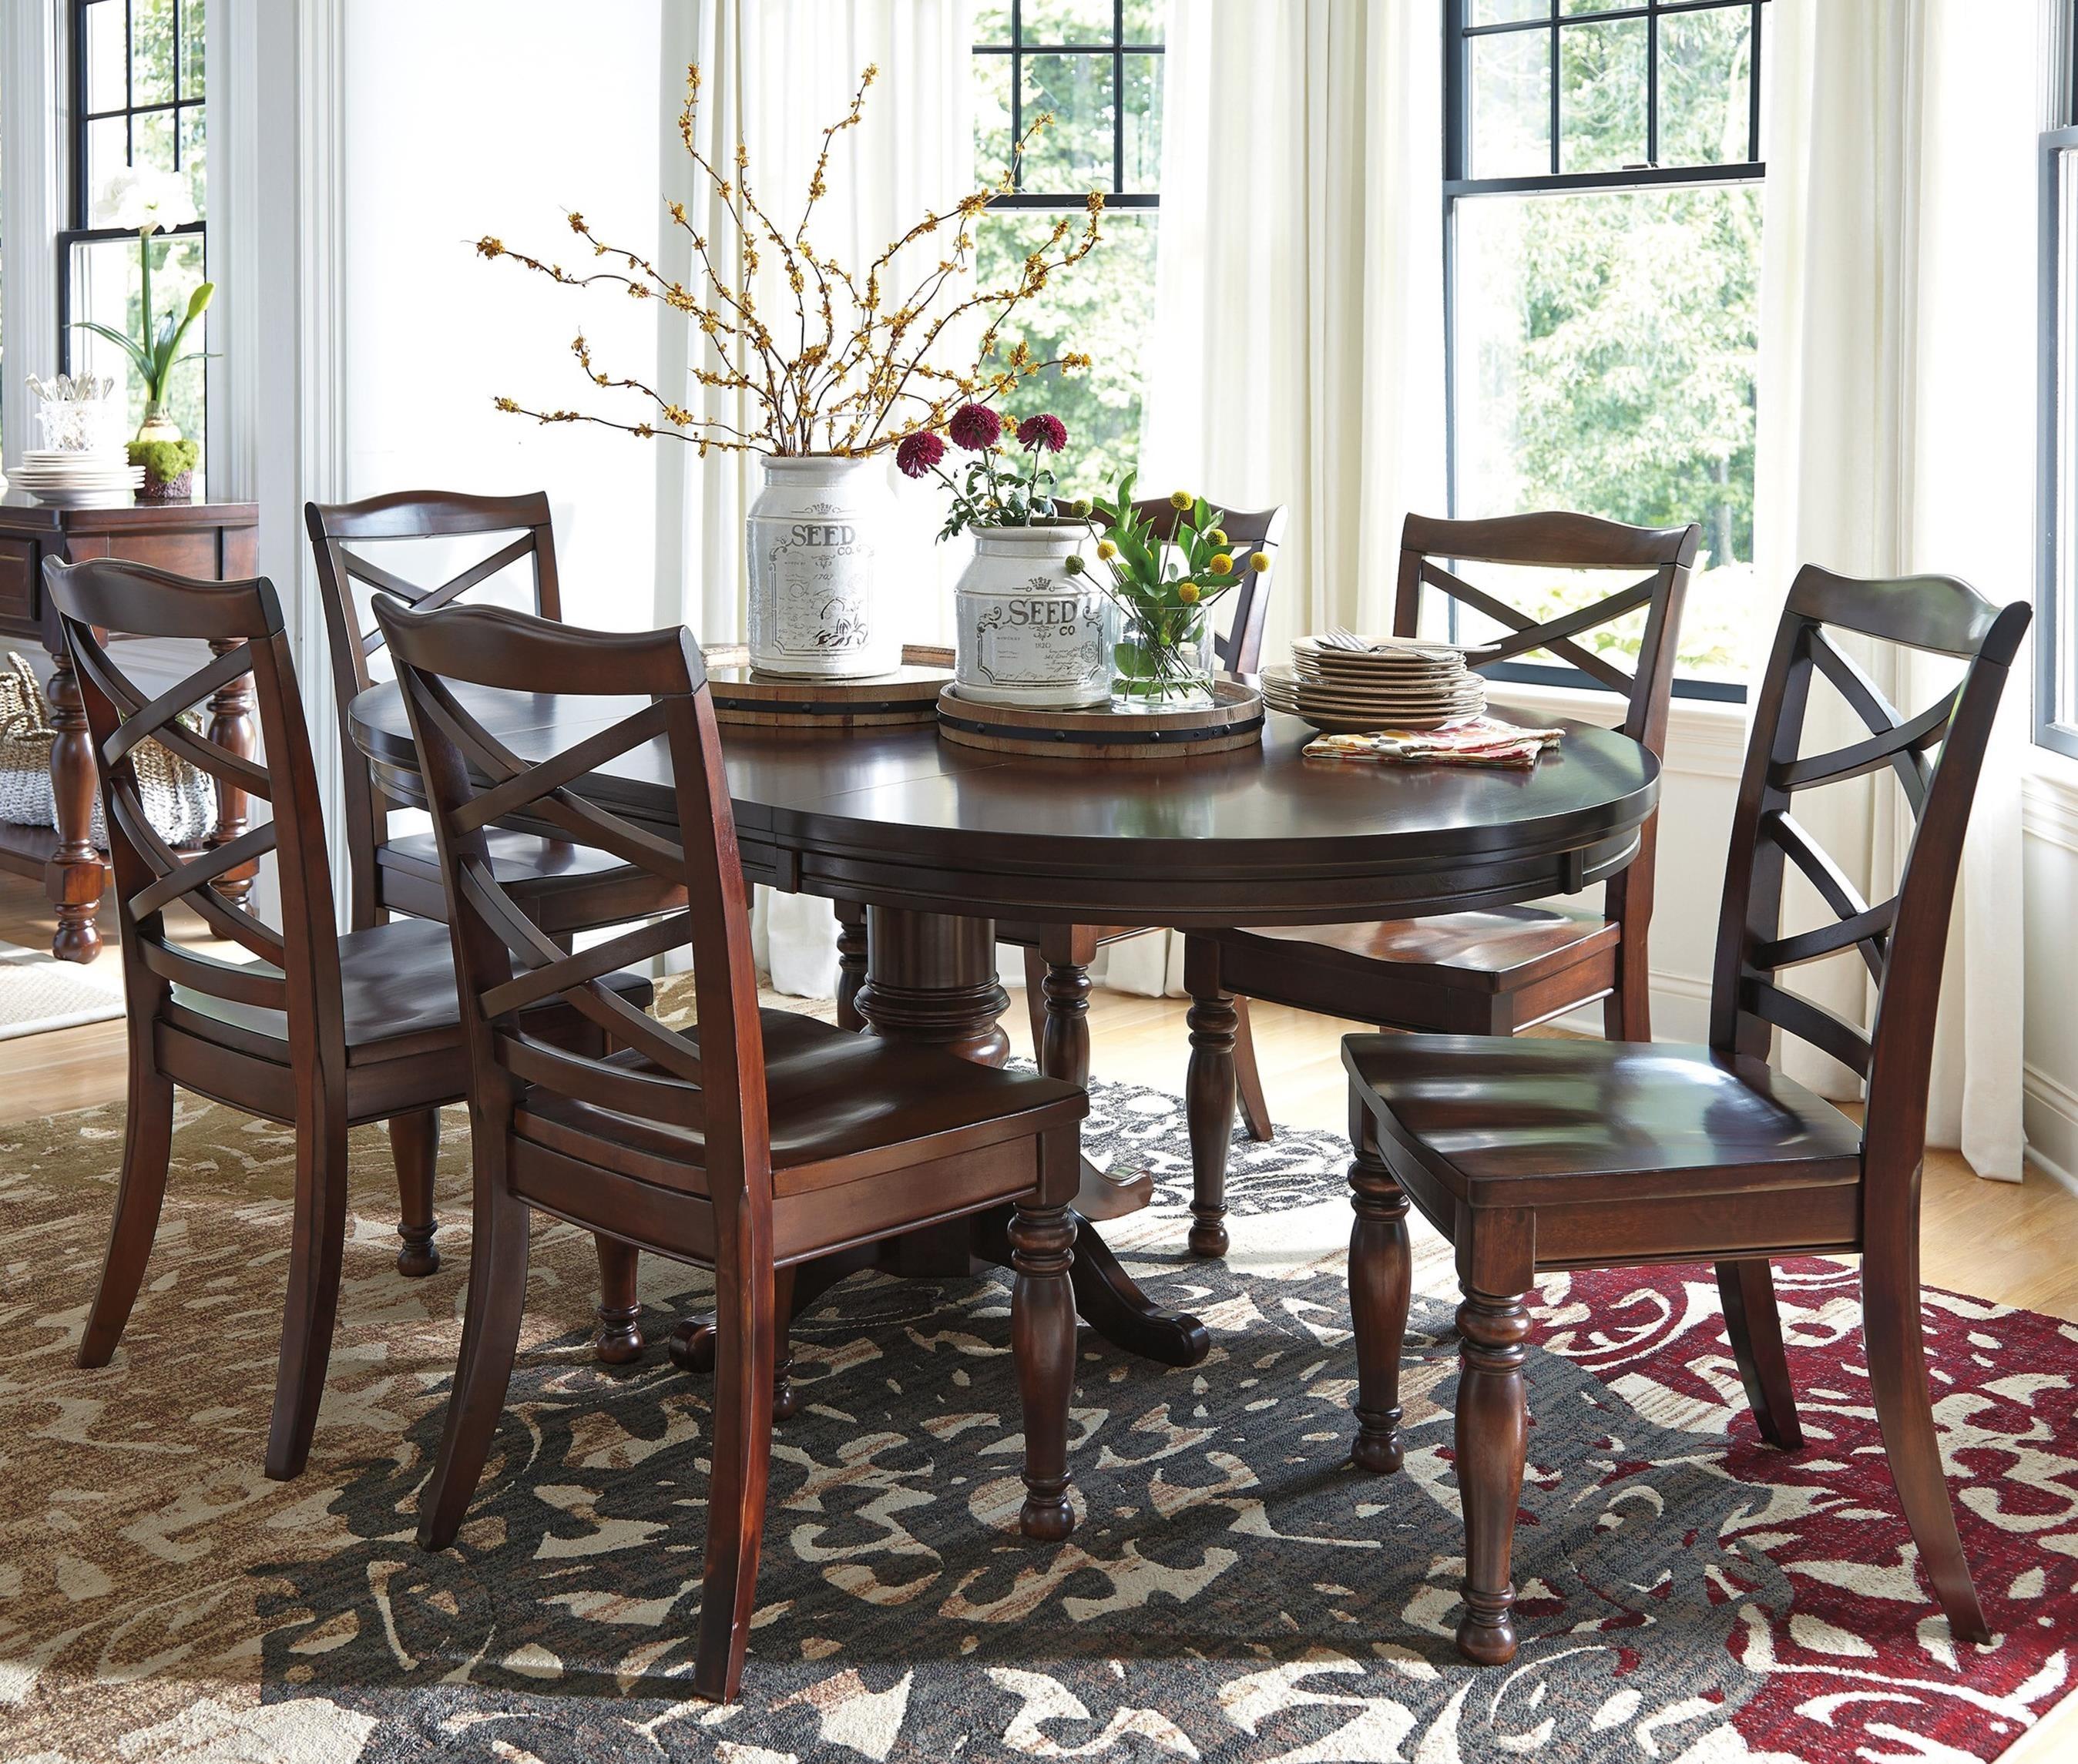 ashley furniture porter 7 piece round dining table set john v schultz furniture dining 7 or. Black Bedroom Furniture Sets. Home Design Ideas